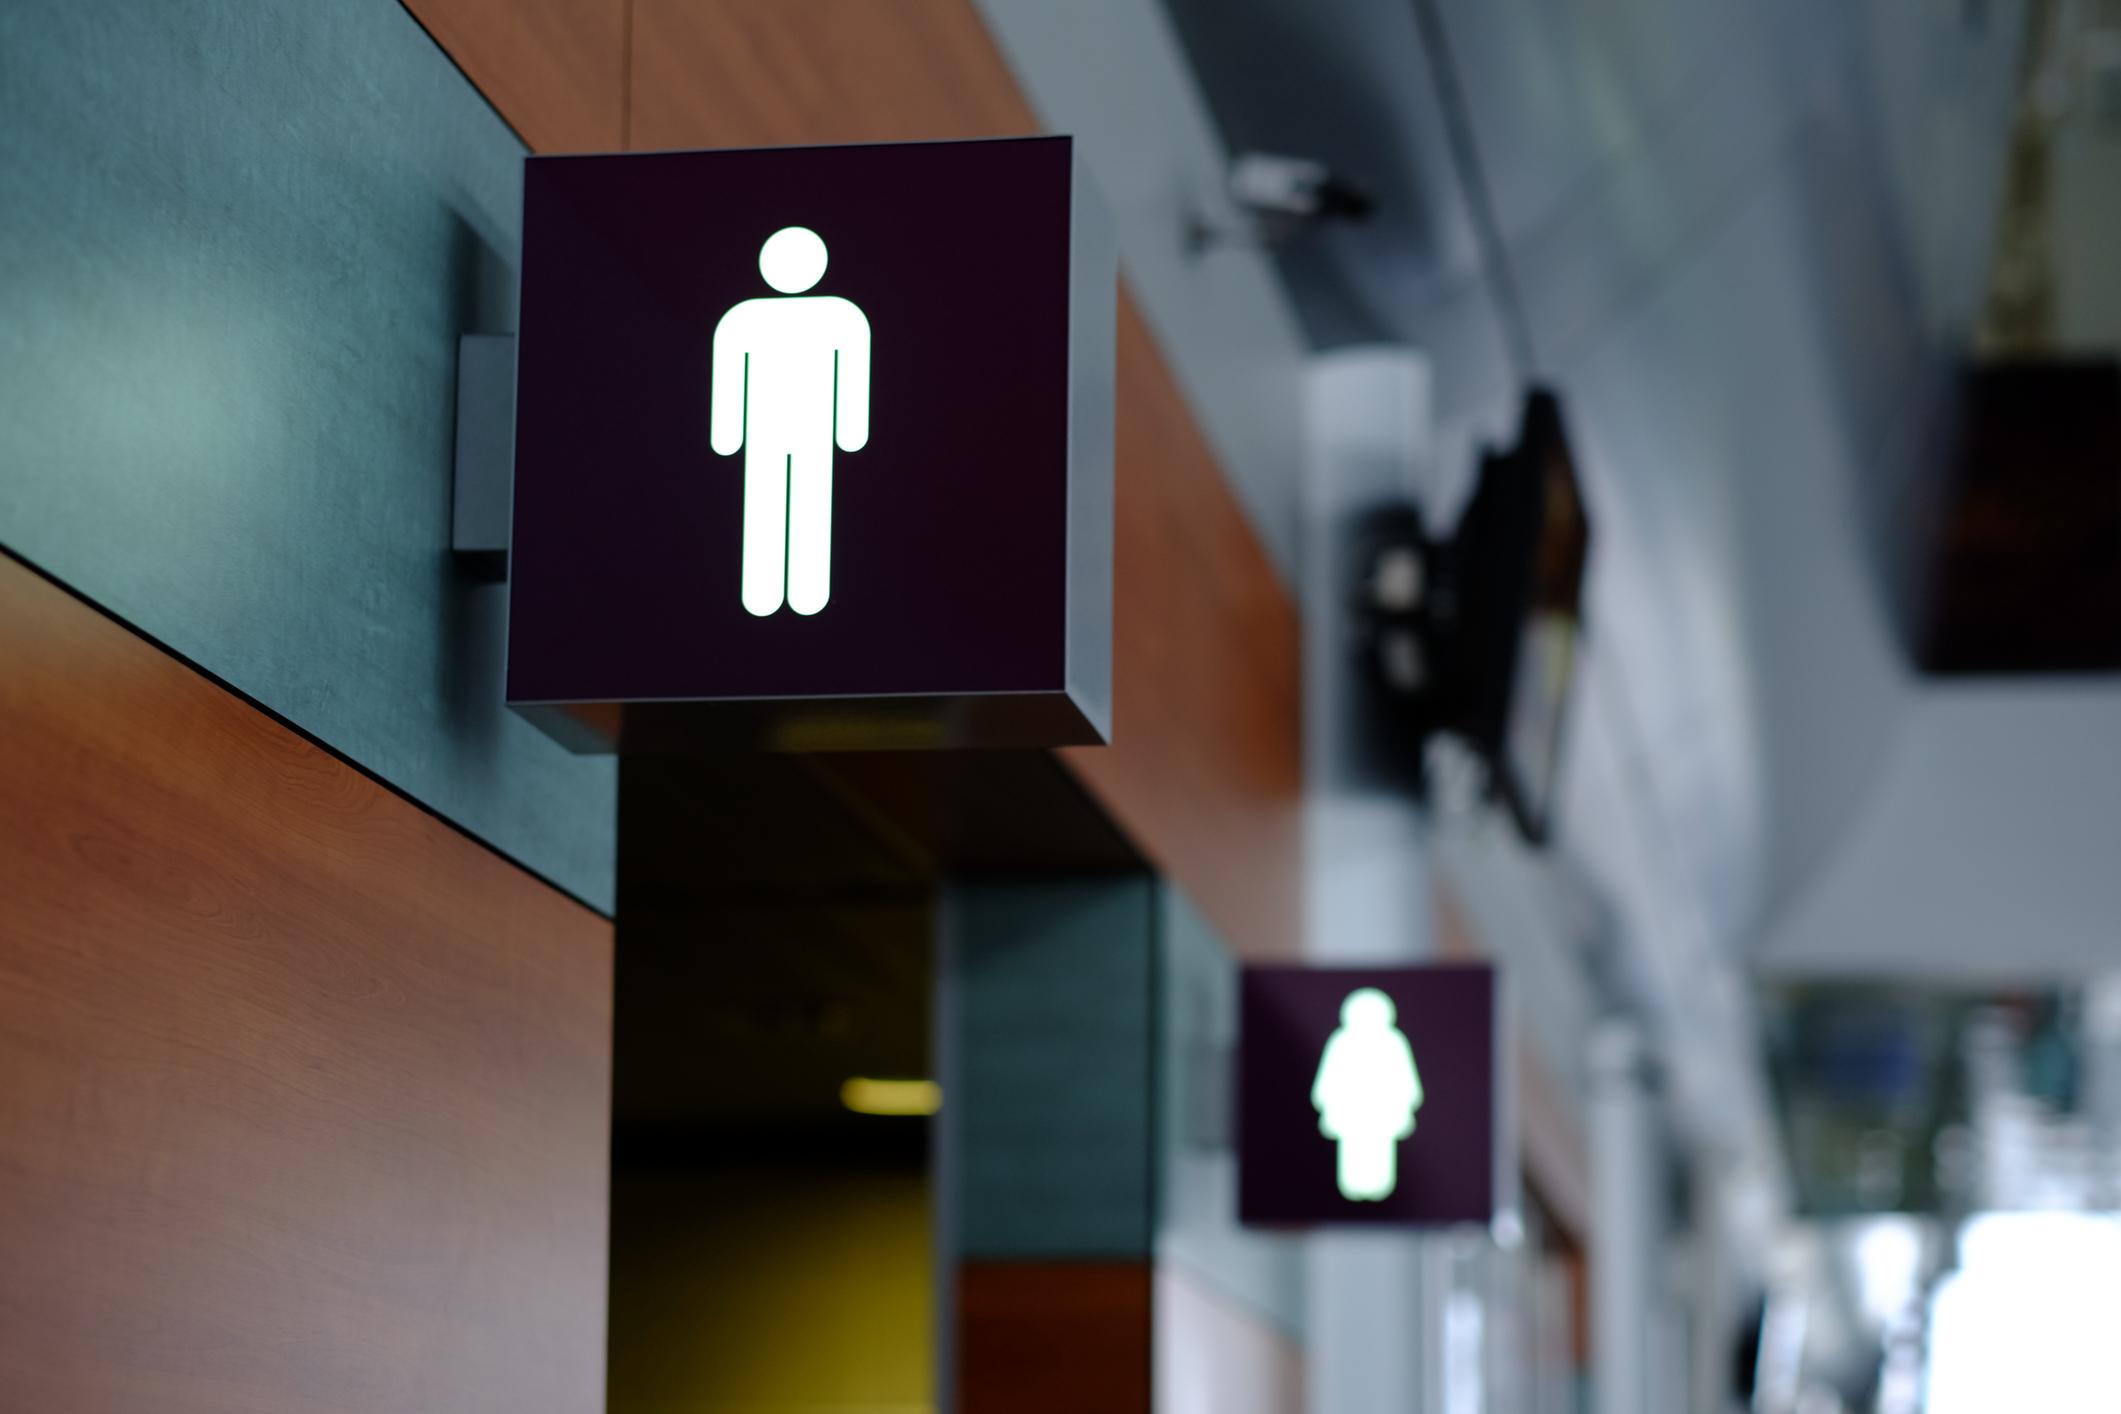 prostata infiammata puo infettare la donnas